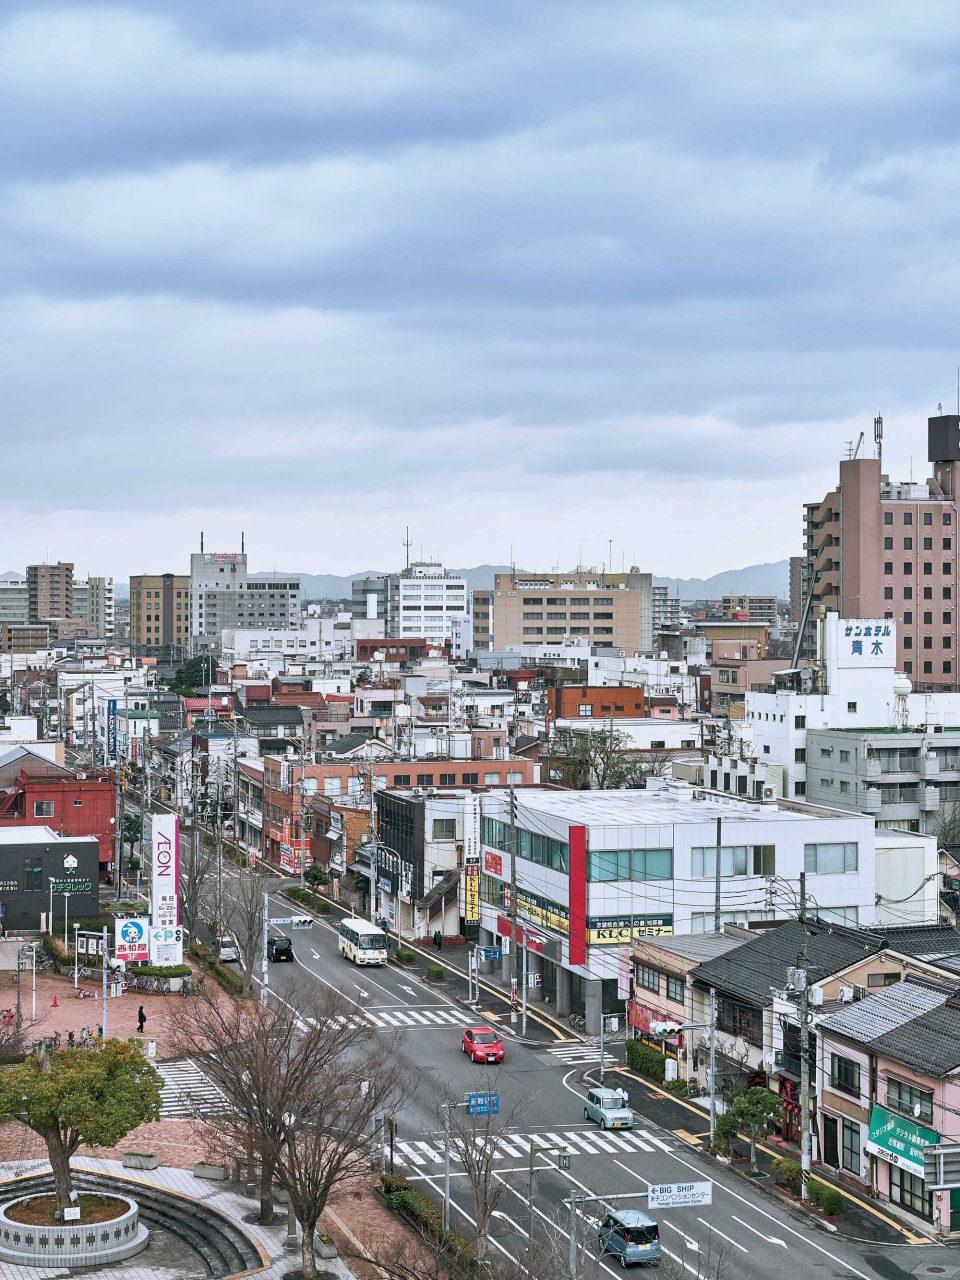 요나고 역 바로 앞에 위치한 숙소에서 내려다본 요나고 시내 전경.